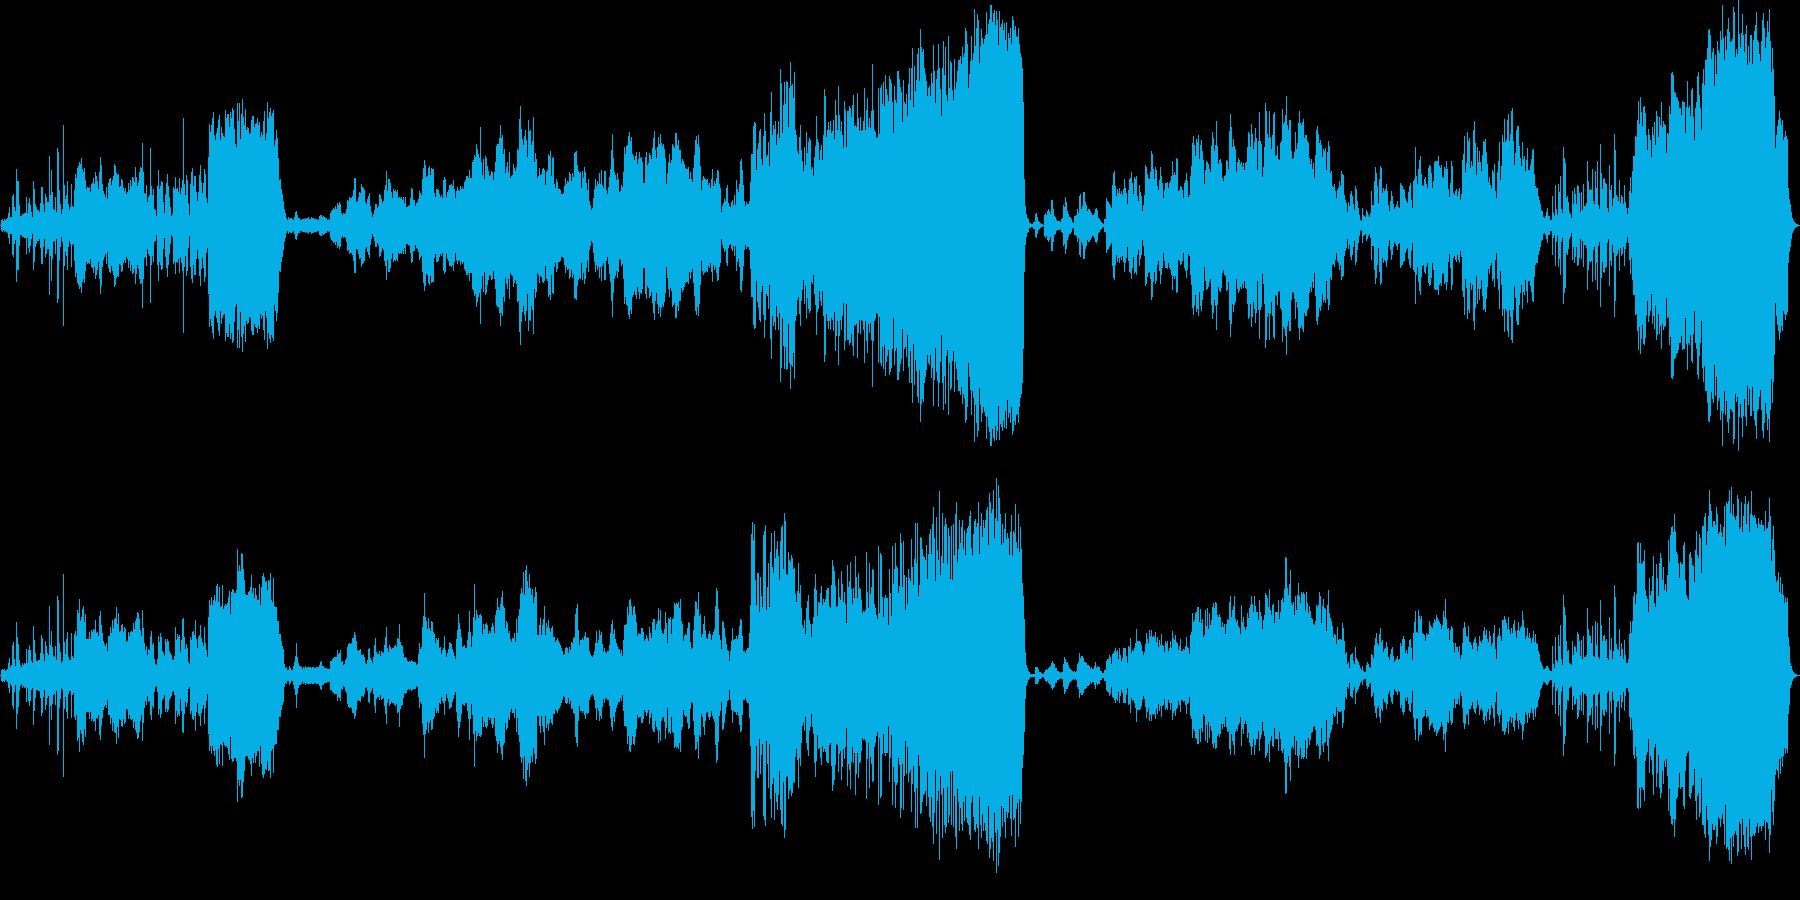 童話の世界をイメージした音楽の再生済みの波形